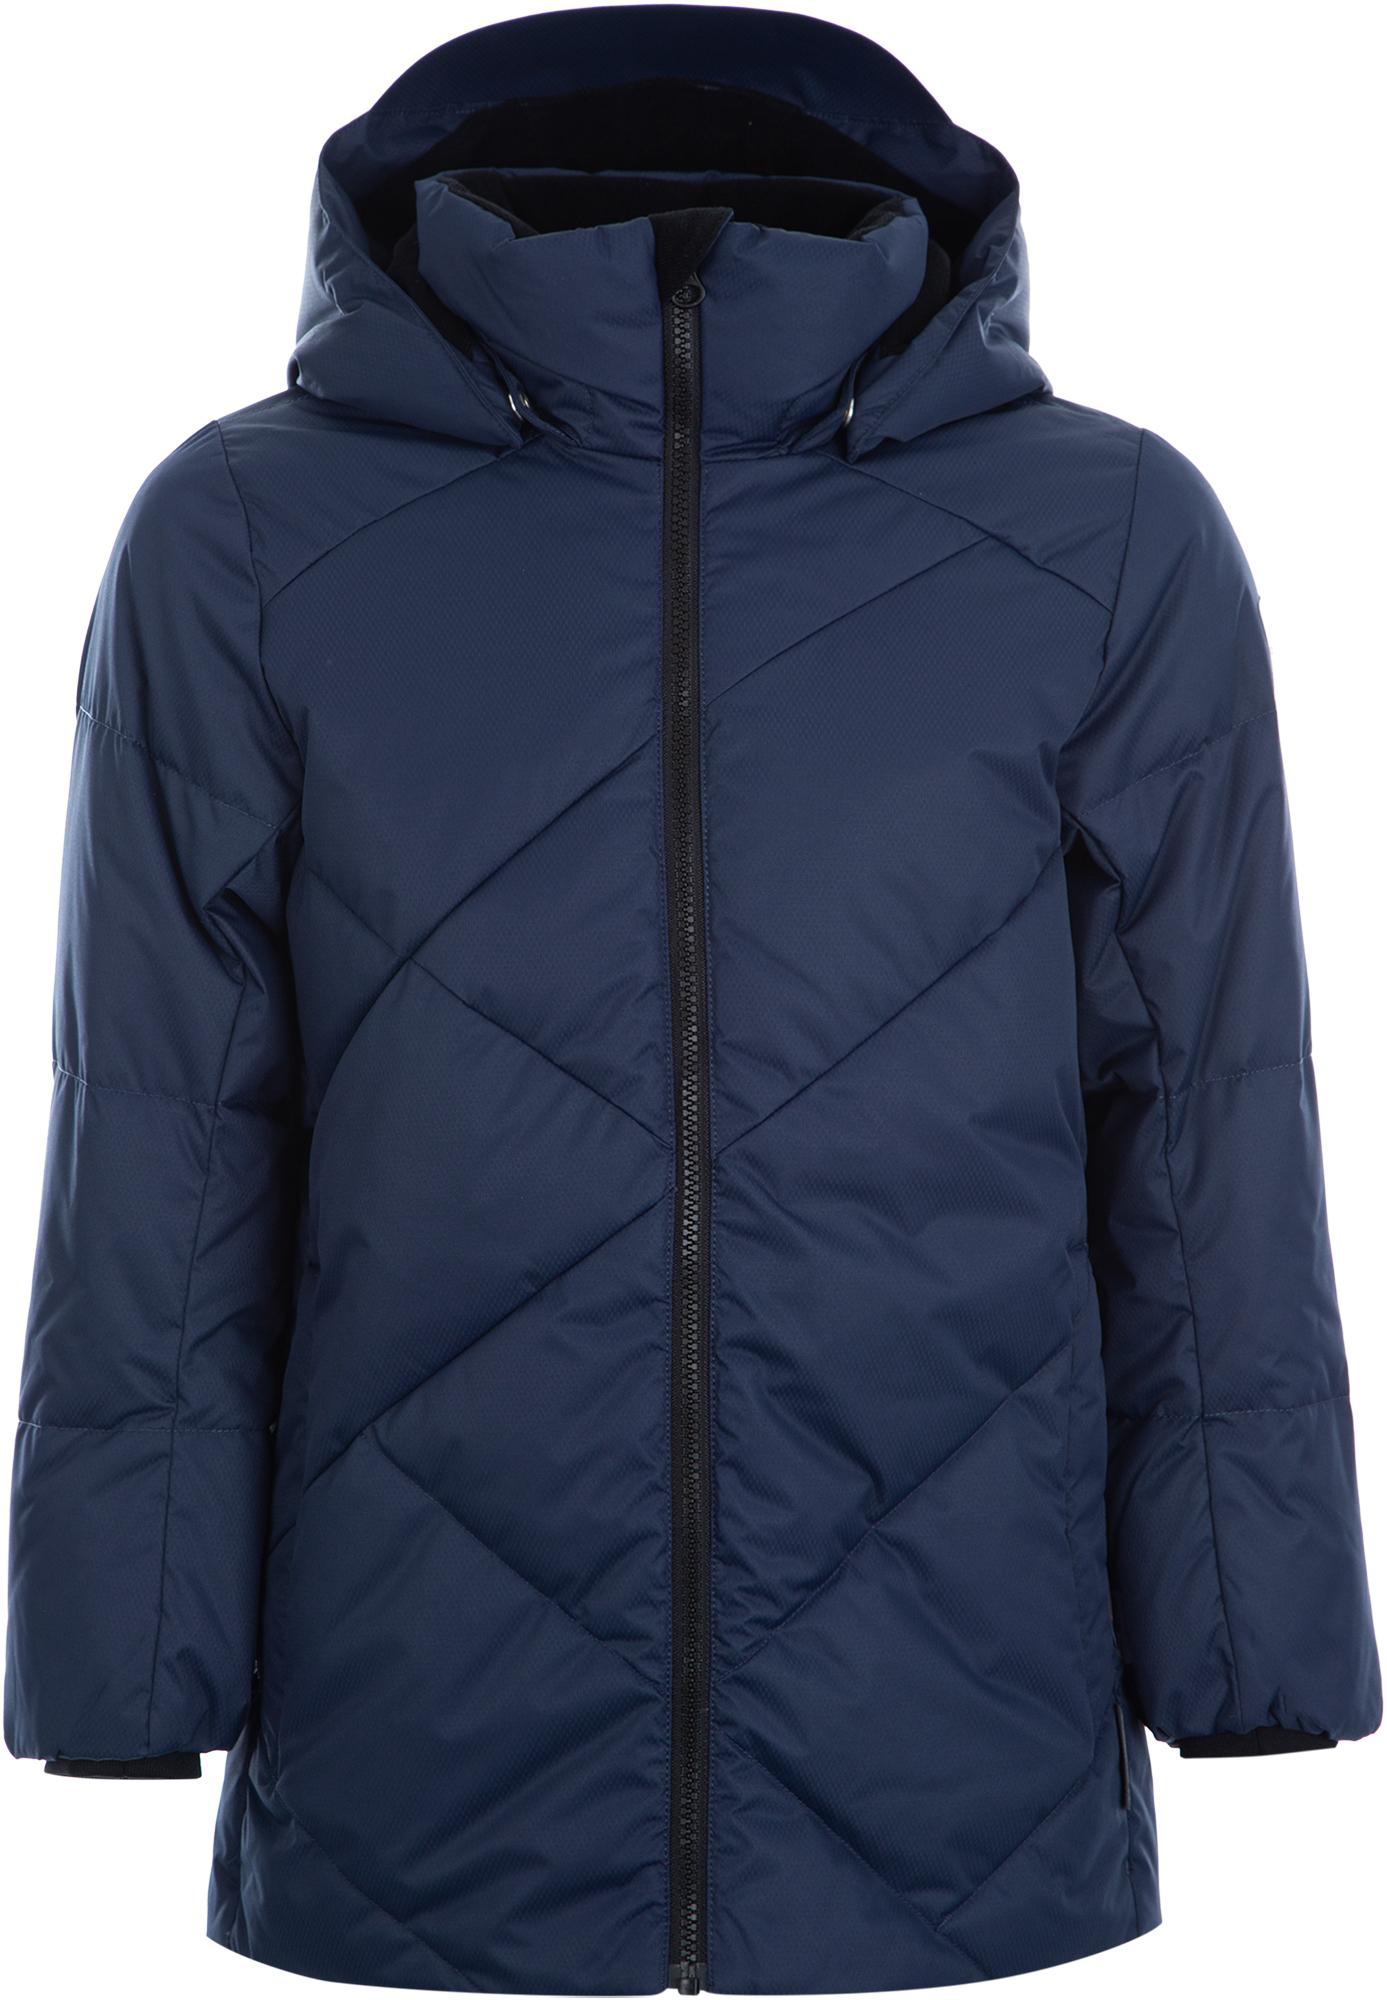 Reima Куртка пуховая для мальчиков Reima Ahmo, размер 146 reima толстовка для девочек reima haiko размер 146